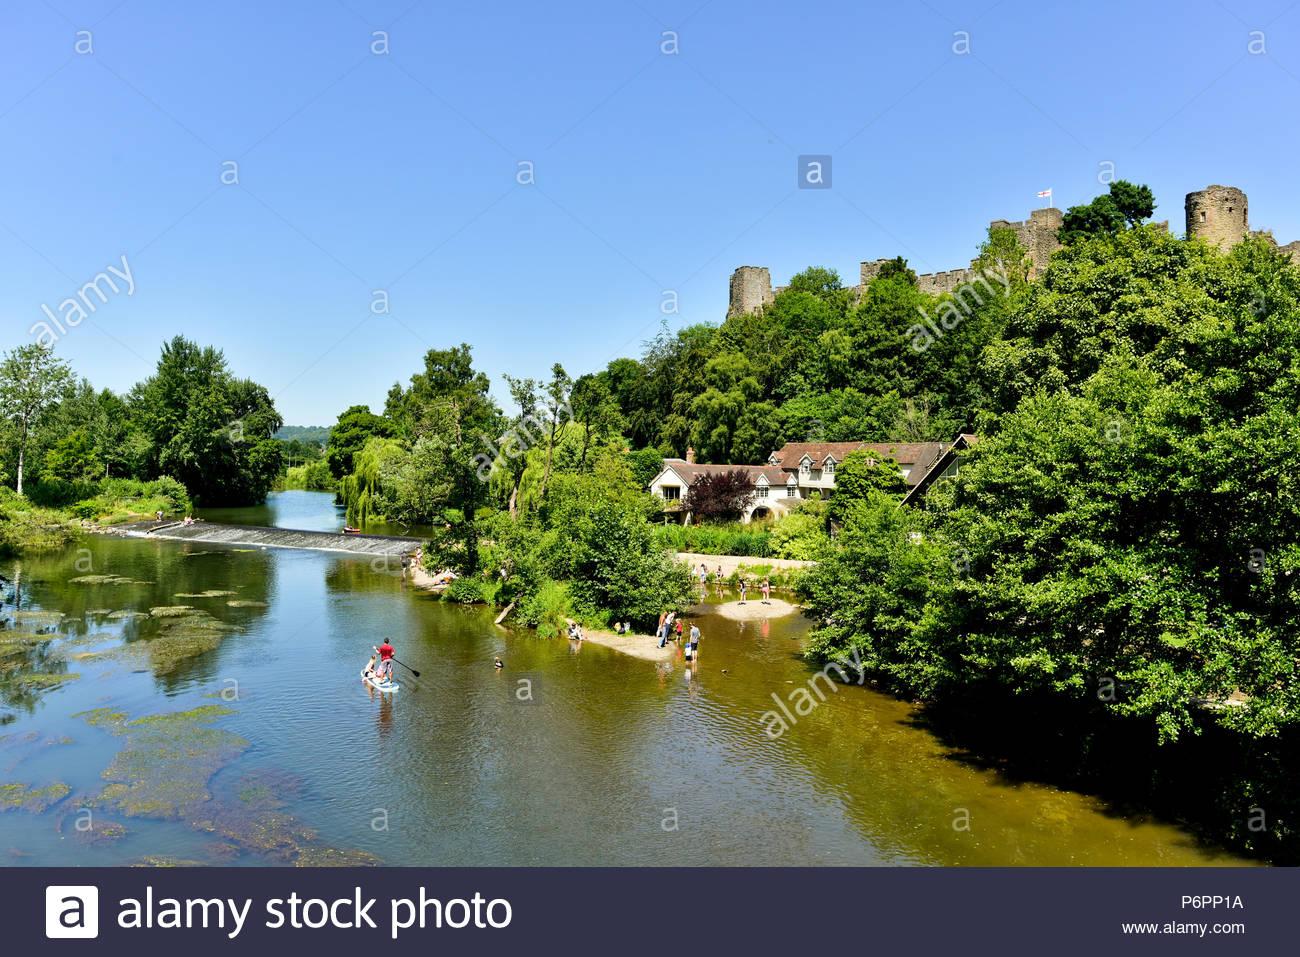 Der blaue Himmel an einem heißen, sonnigen Sommer am Nachmittag Dinham Wehr auf das Haus der Frau von Ludlow, Shropshire, England, UK. Stockbild